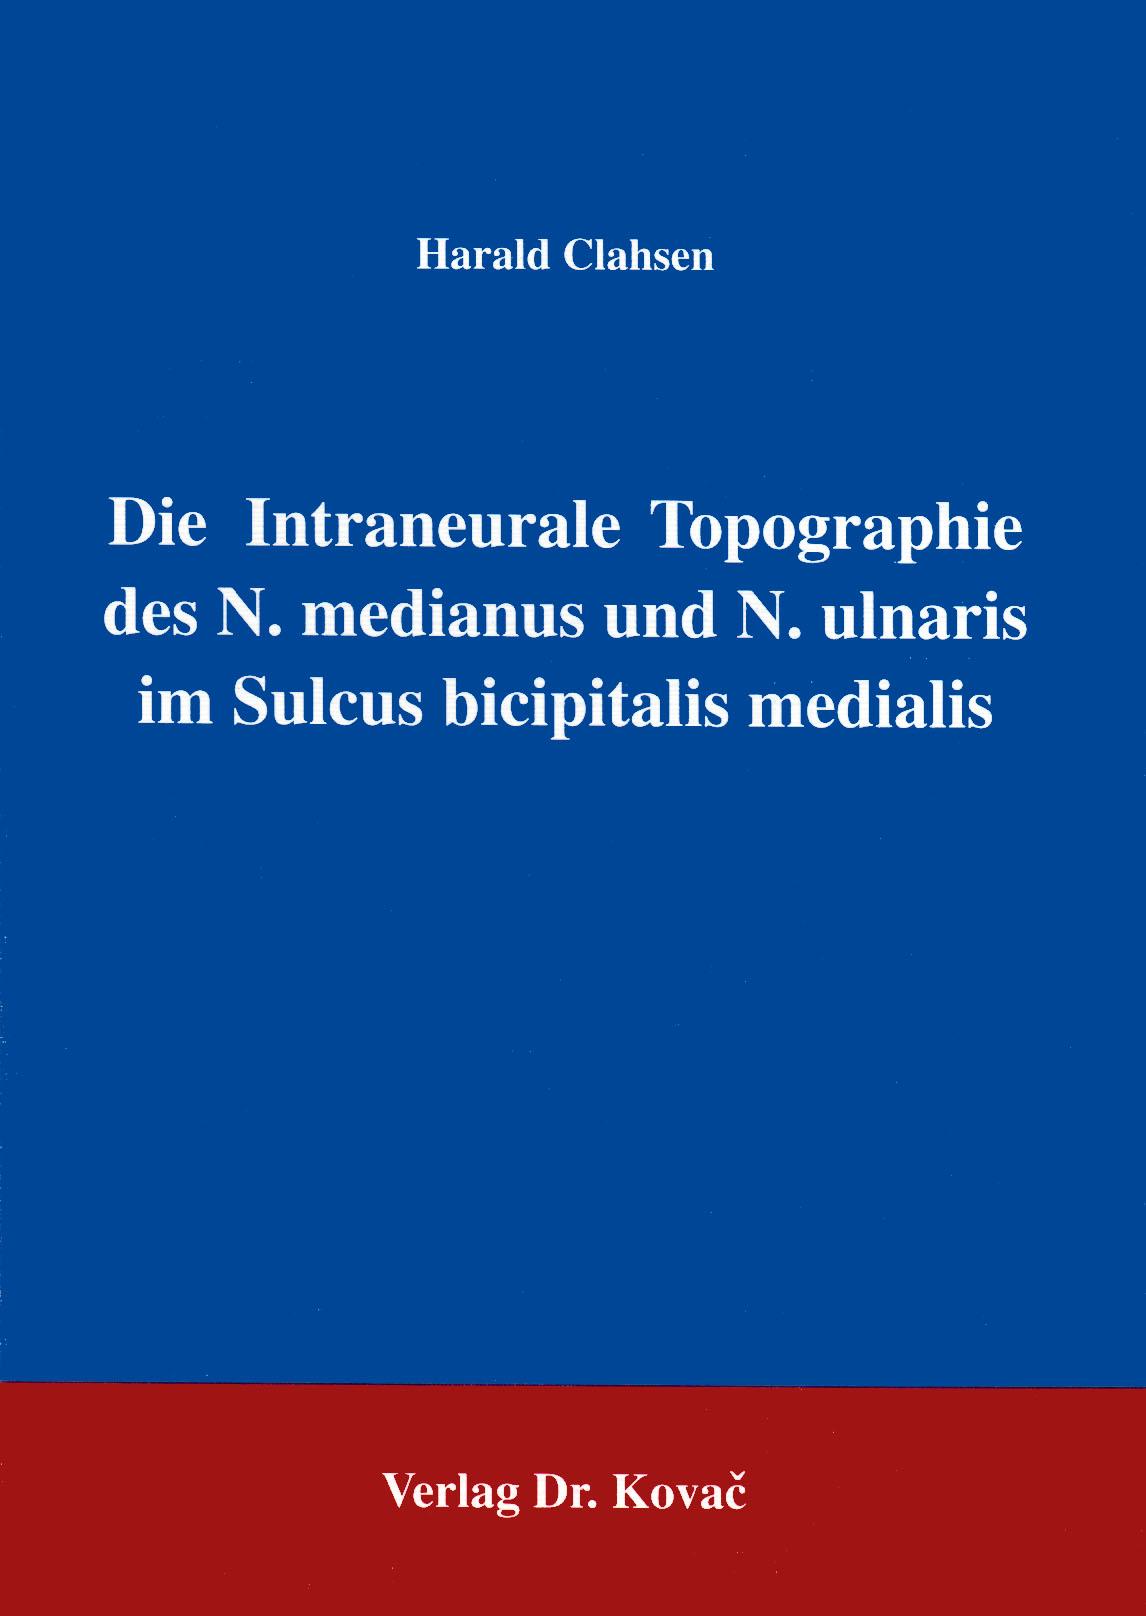 Cover: Die intraneurale Topographie des N. medianus und N. ulnaris im Sulcus bicipitalis medialis